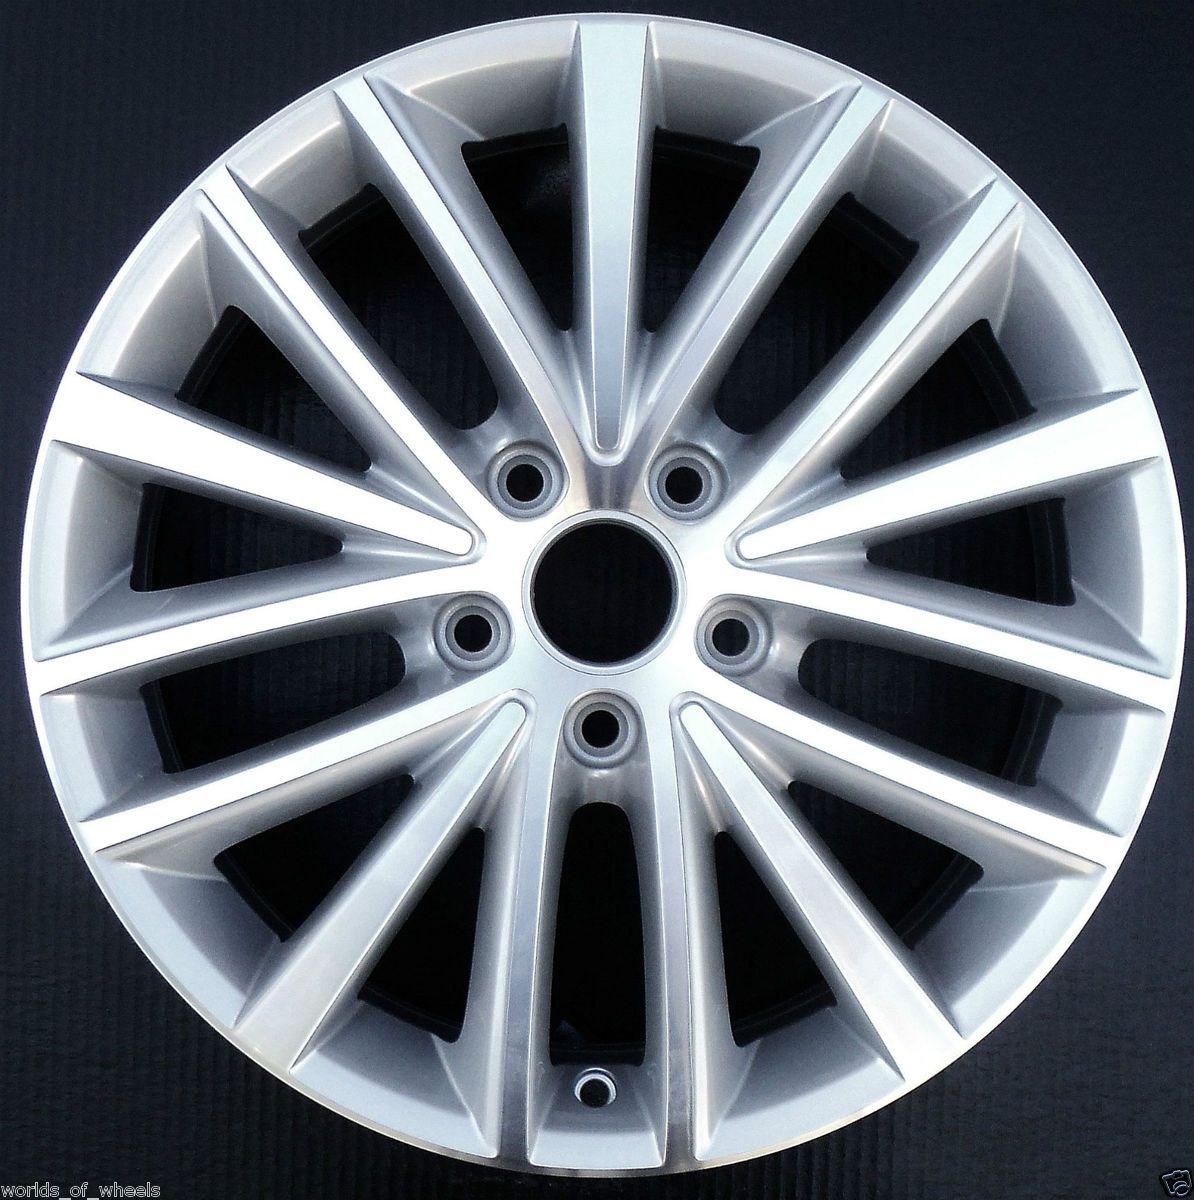 11 12 Volkswagen VW Jetta 17 15 Spoke Machined Factory OEM Wheel Rim H